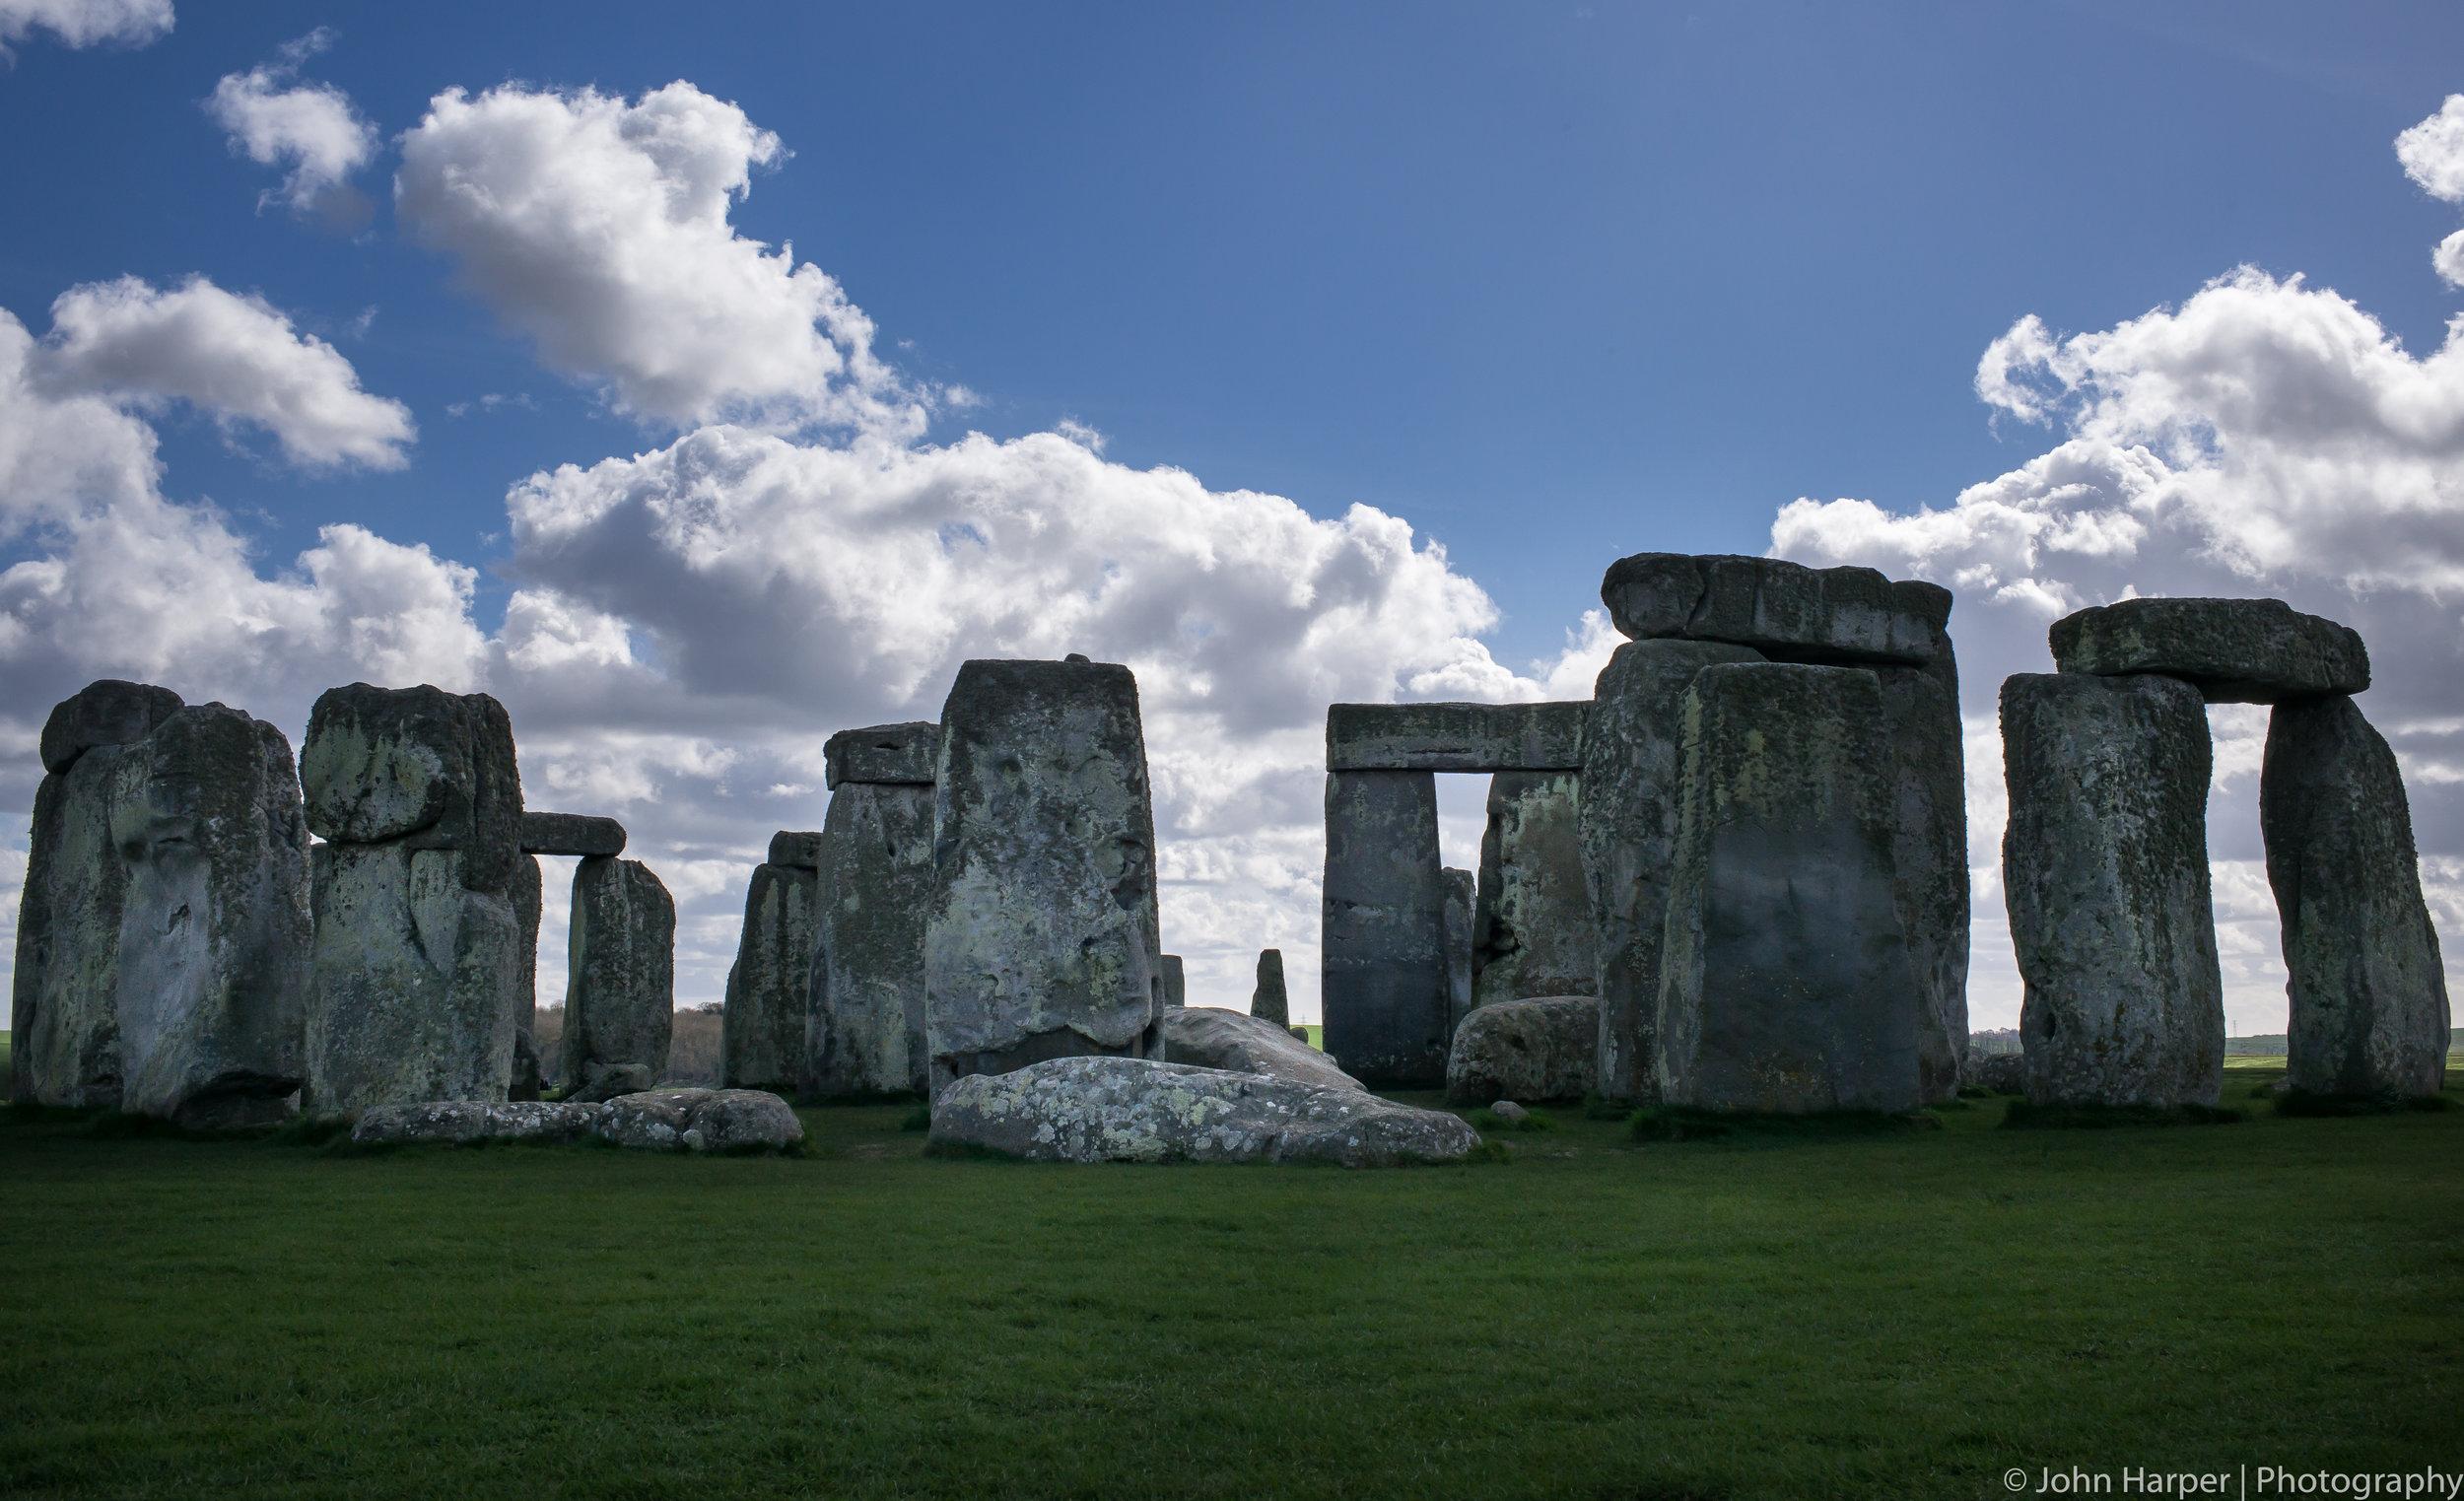 Stones In A Field